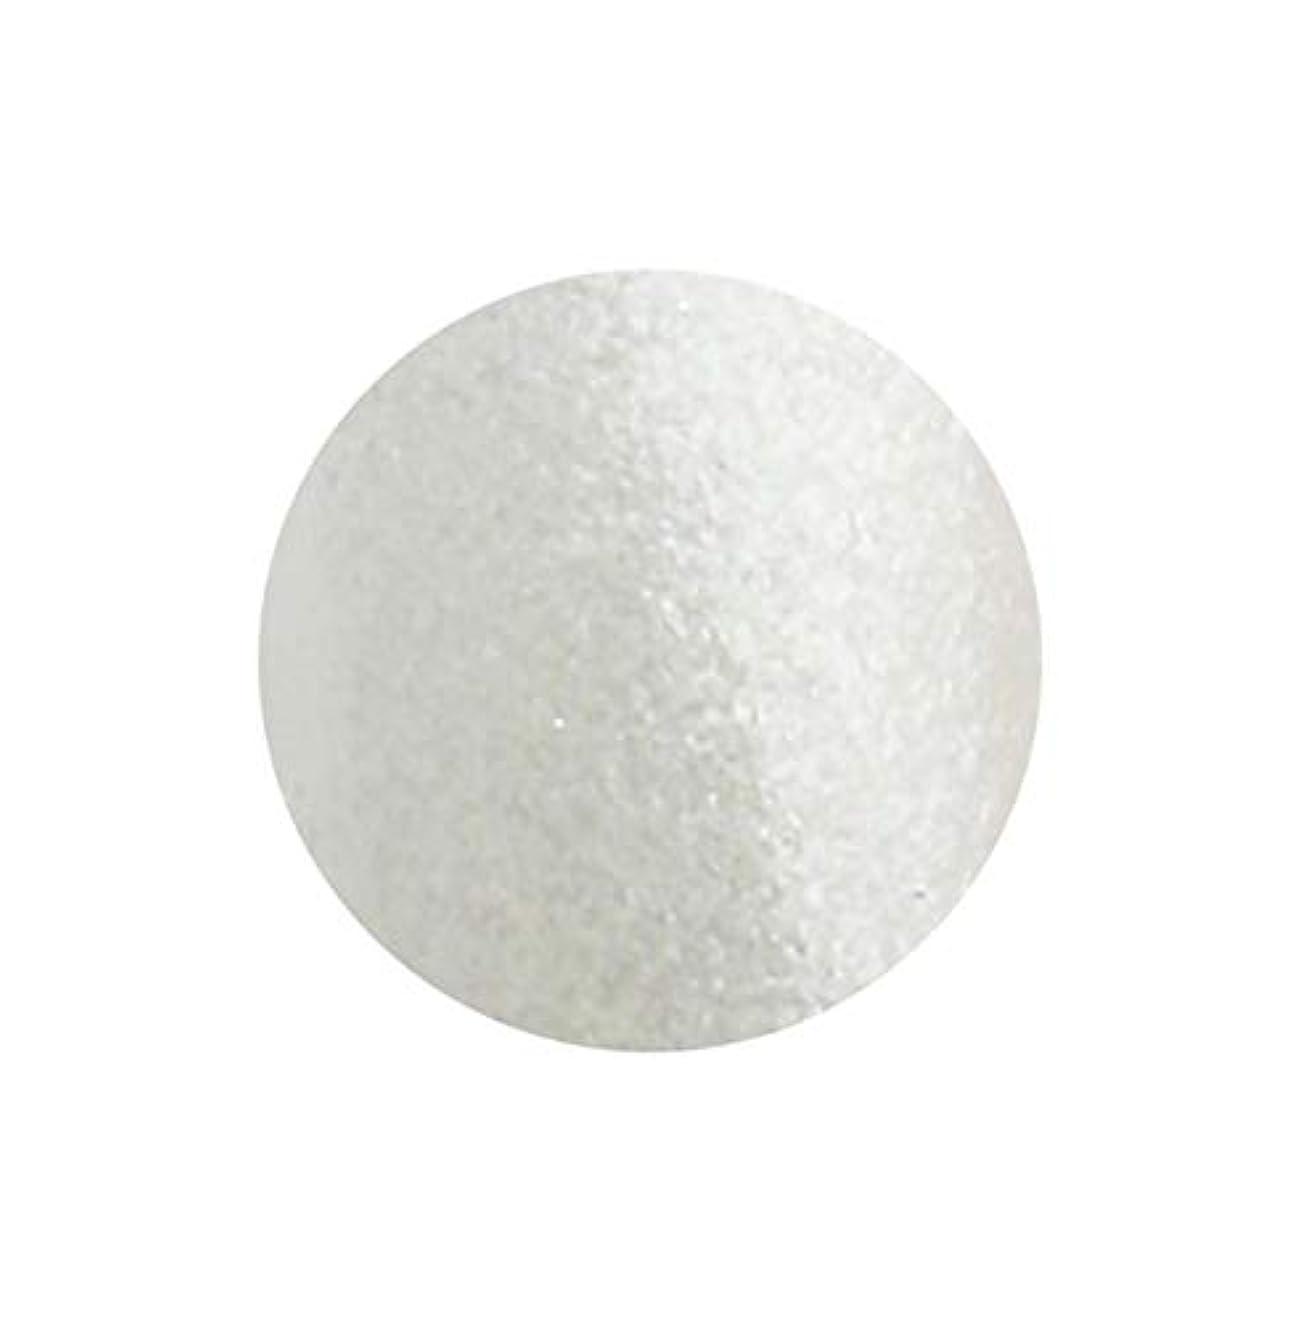 専門用語端末採用SHAREYDVA シャレドワ+ ネイルカラー No.28 ダイヤモンドパール